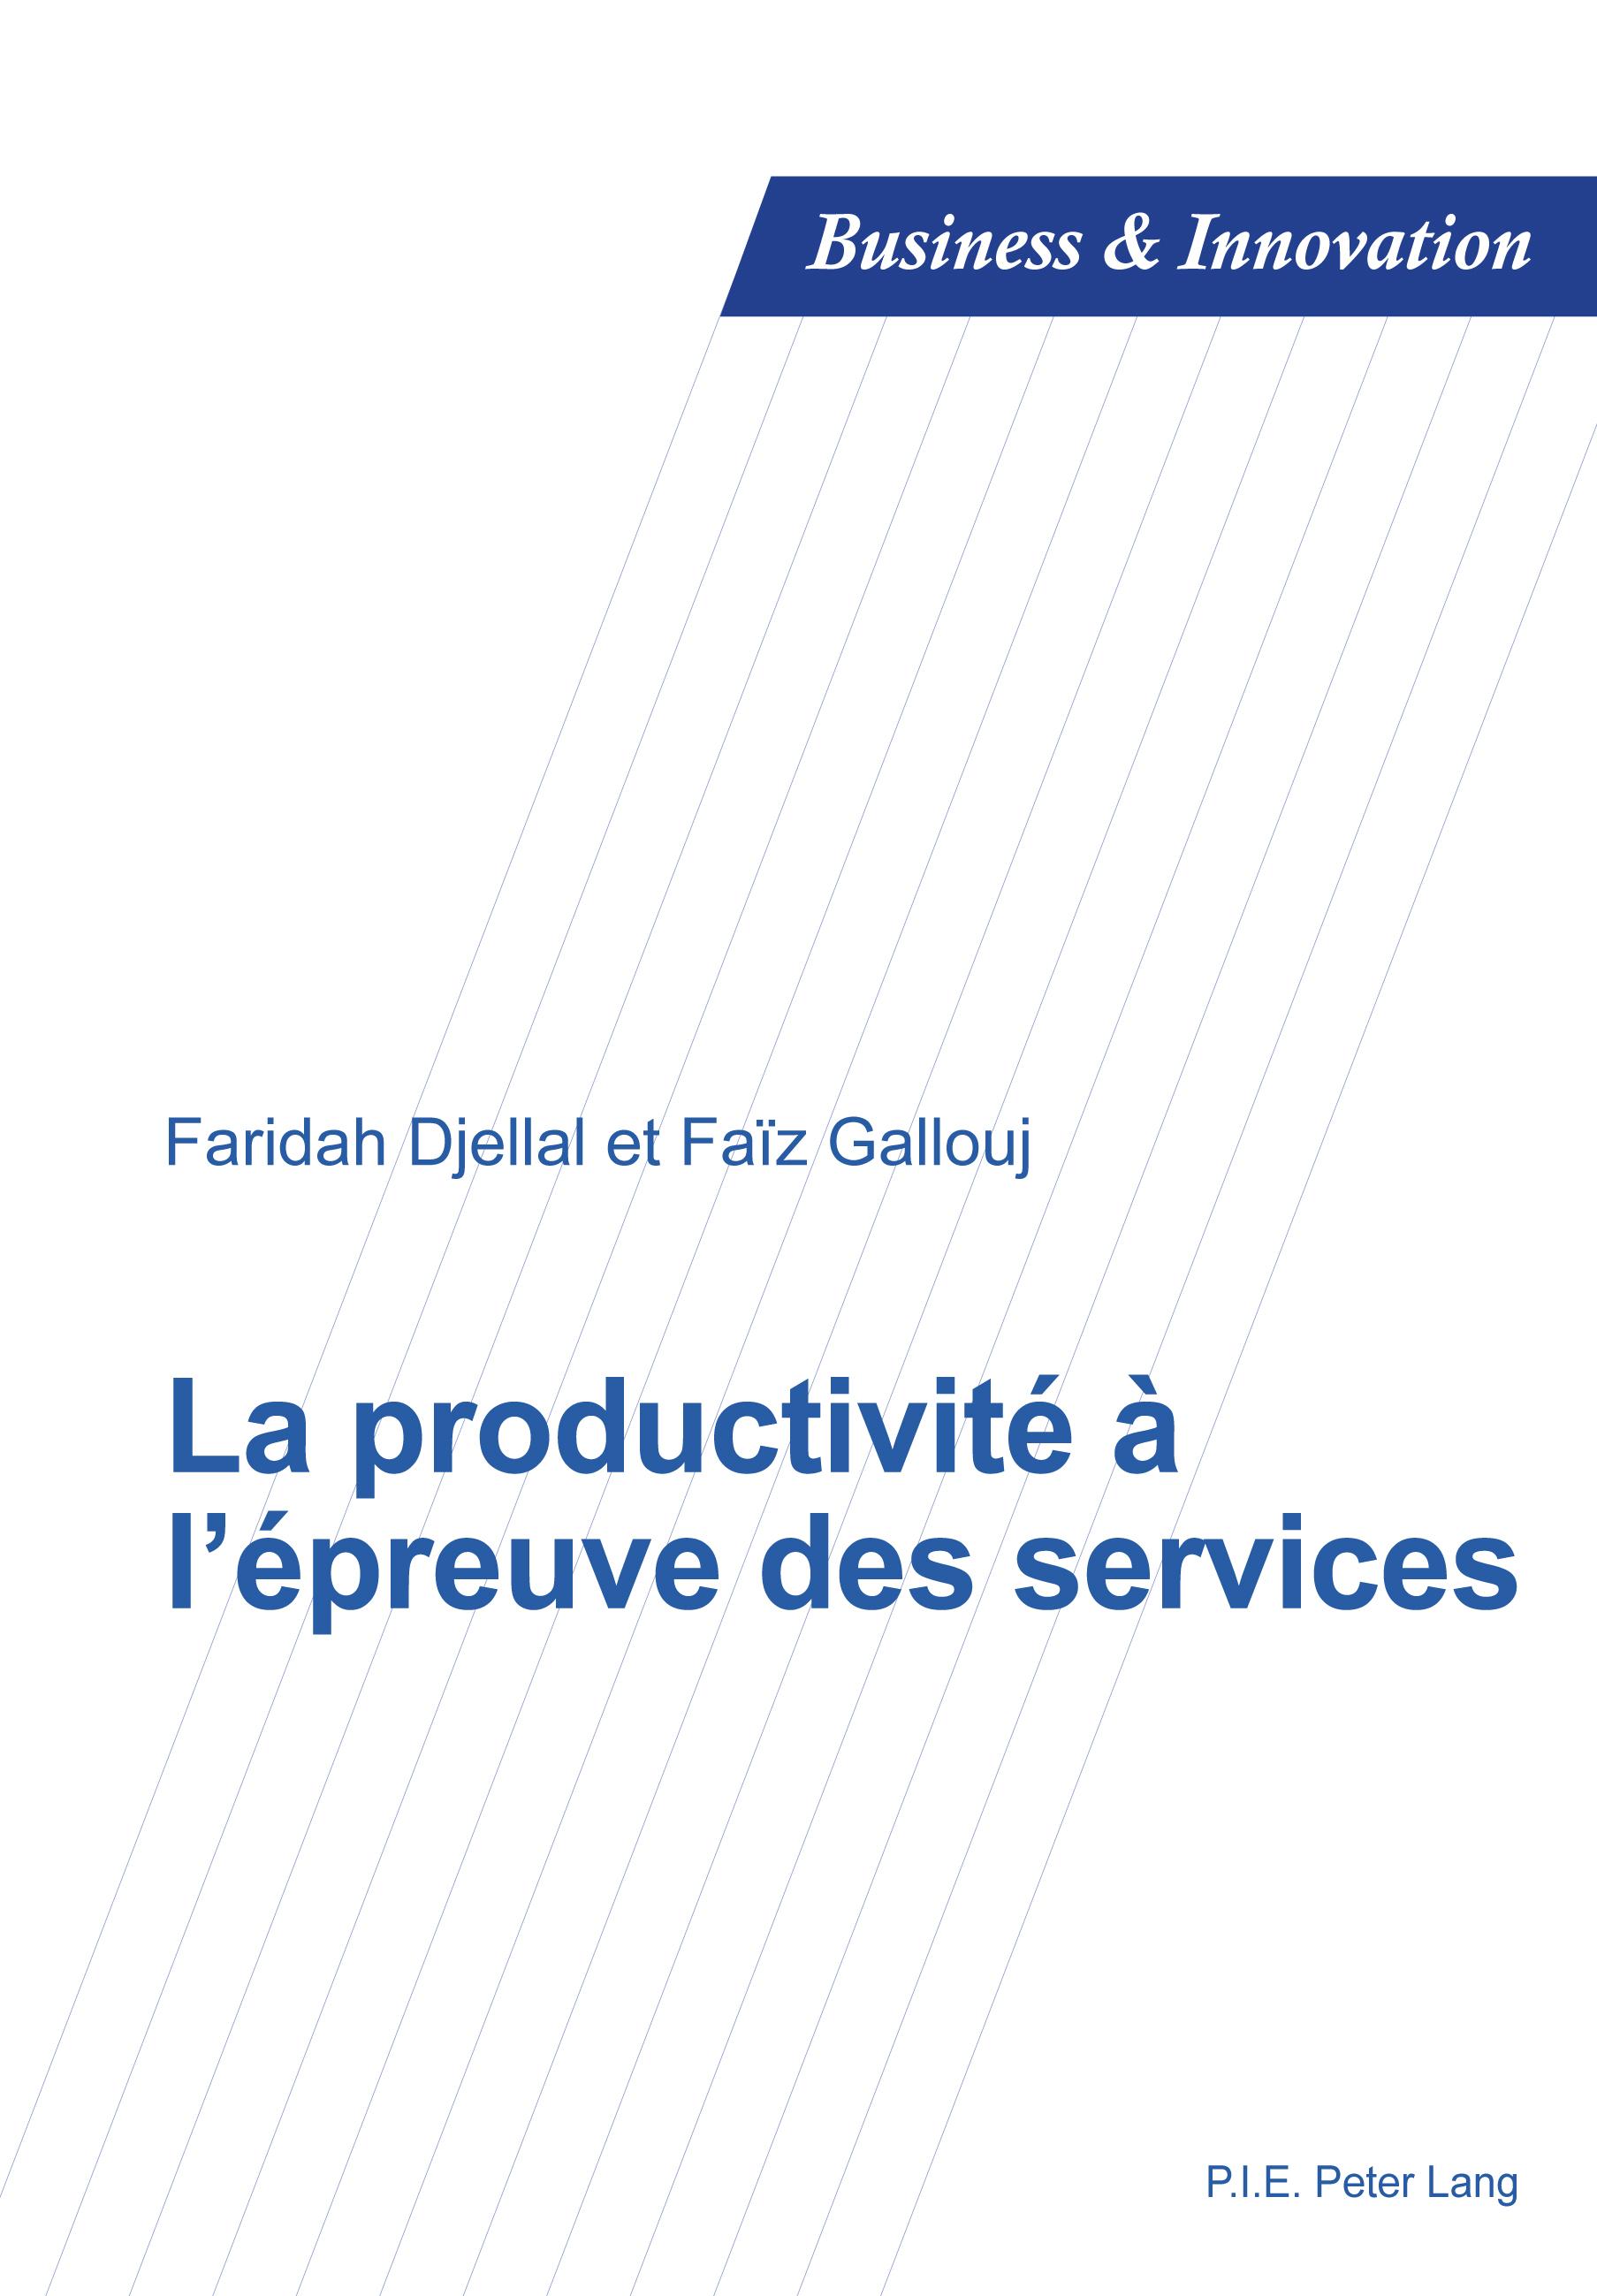 LA PRODUCTIVITE A L'EPREUVE DES SERVICES